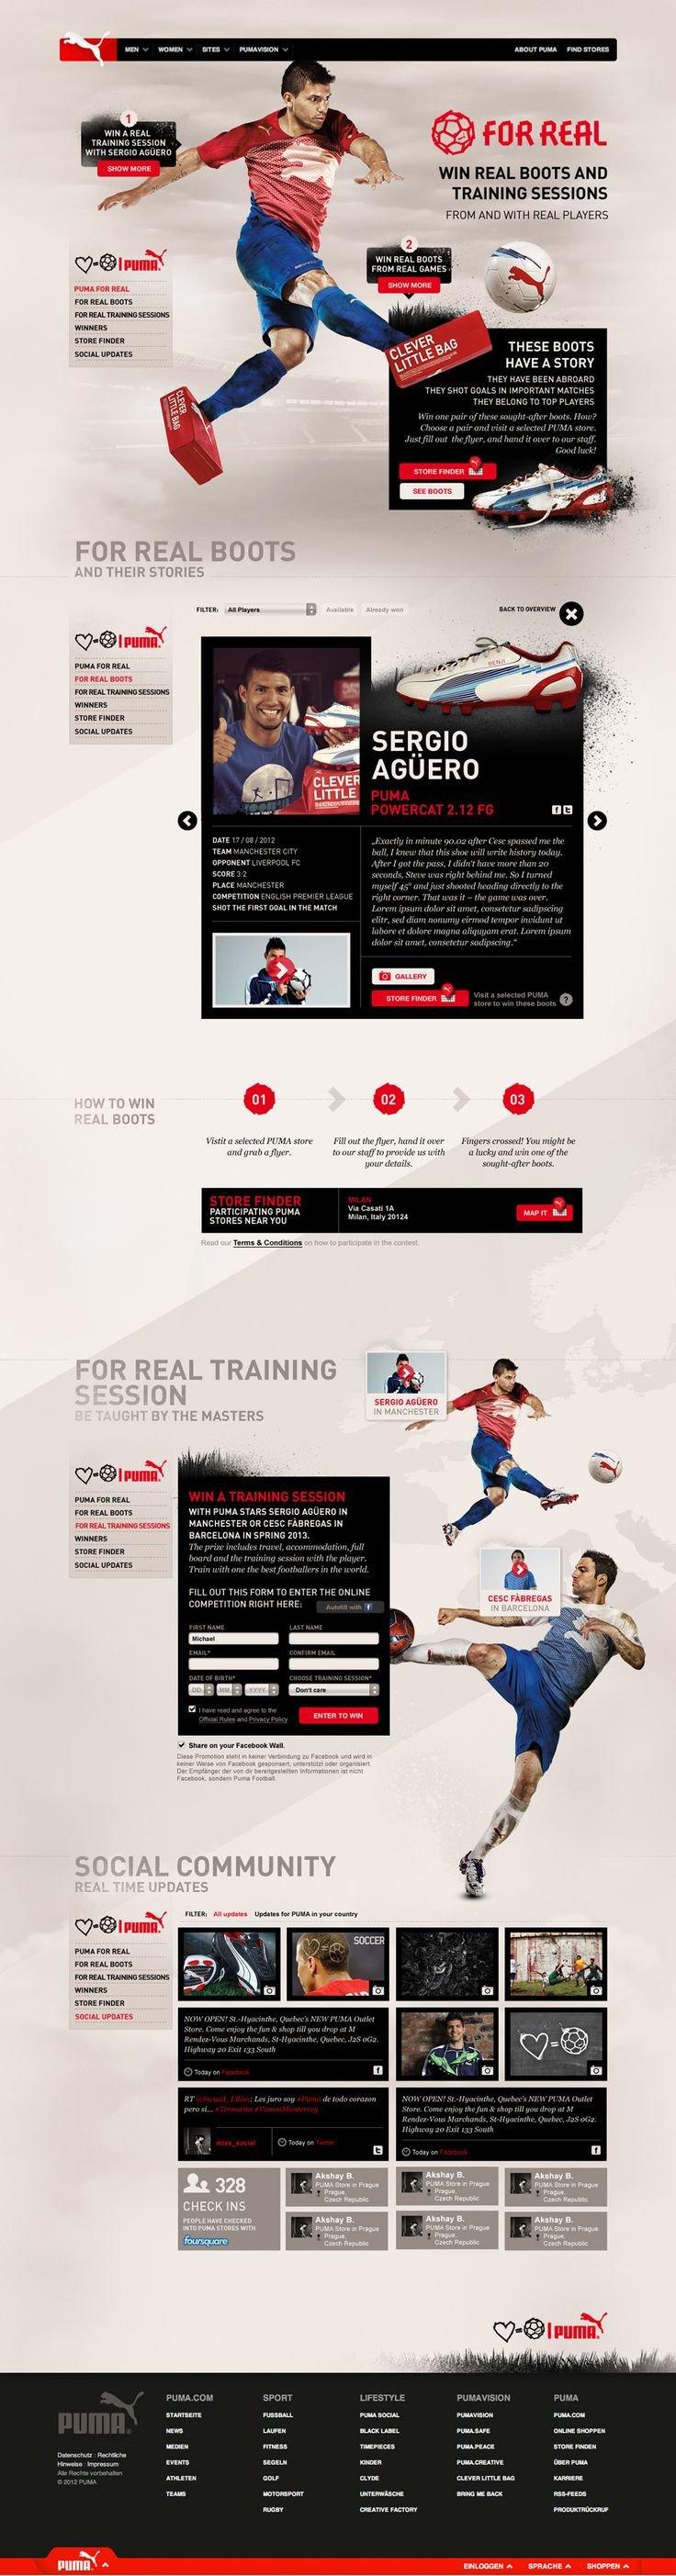 Unique Web Design, Puma